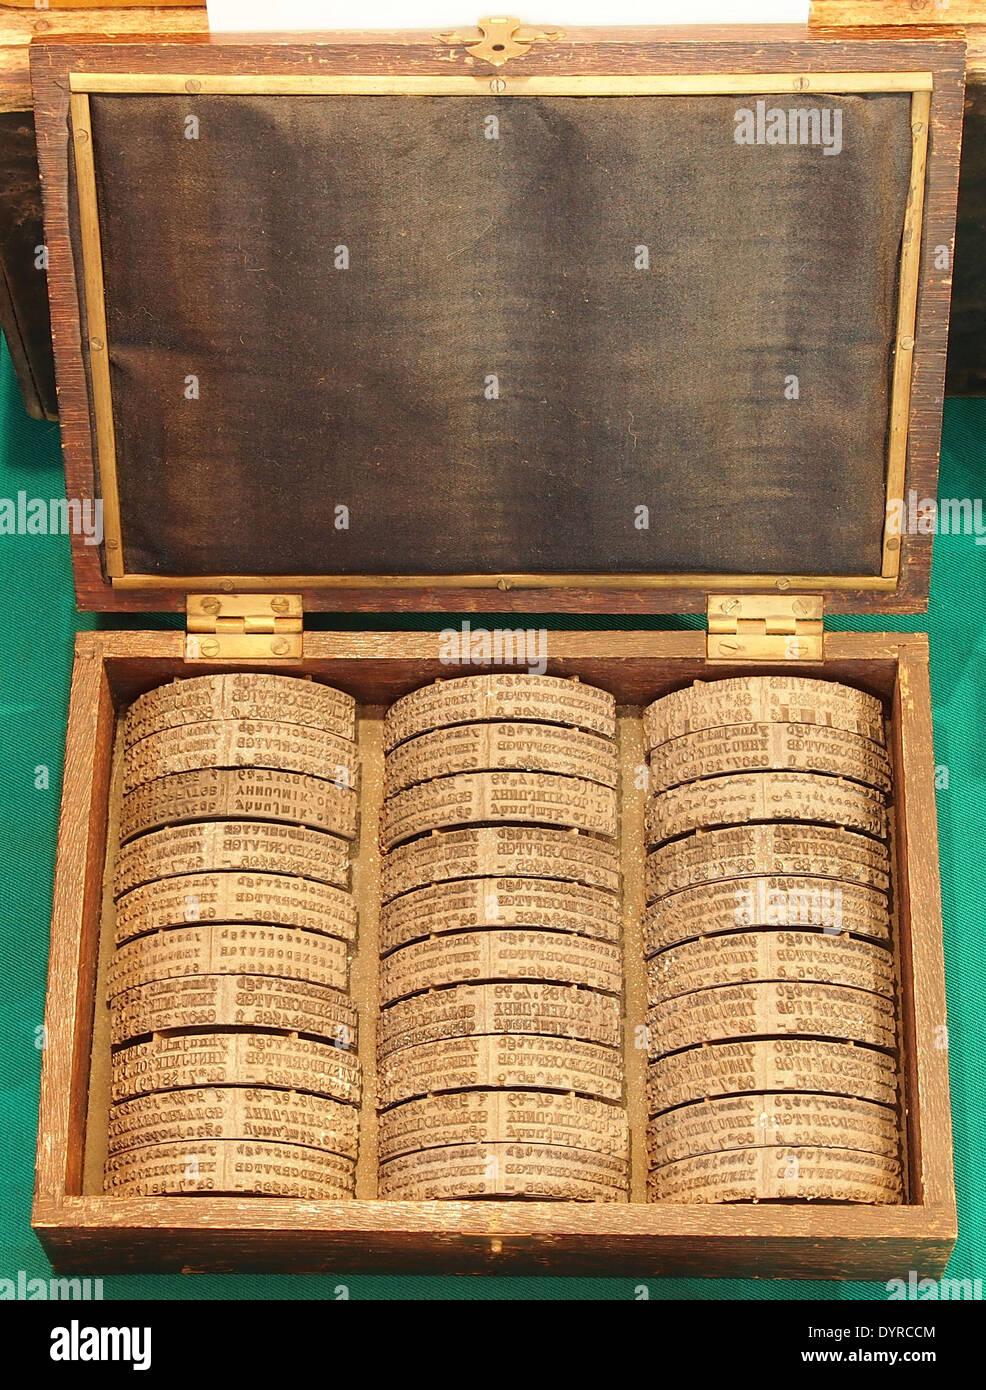 Typewriter language modules - Stock Image